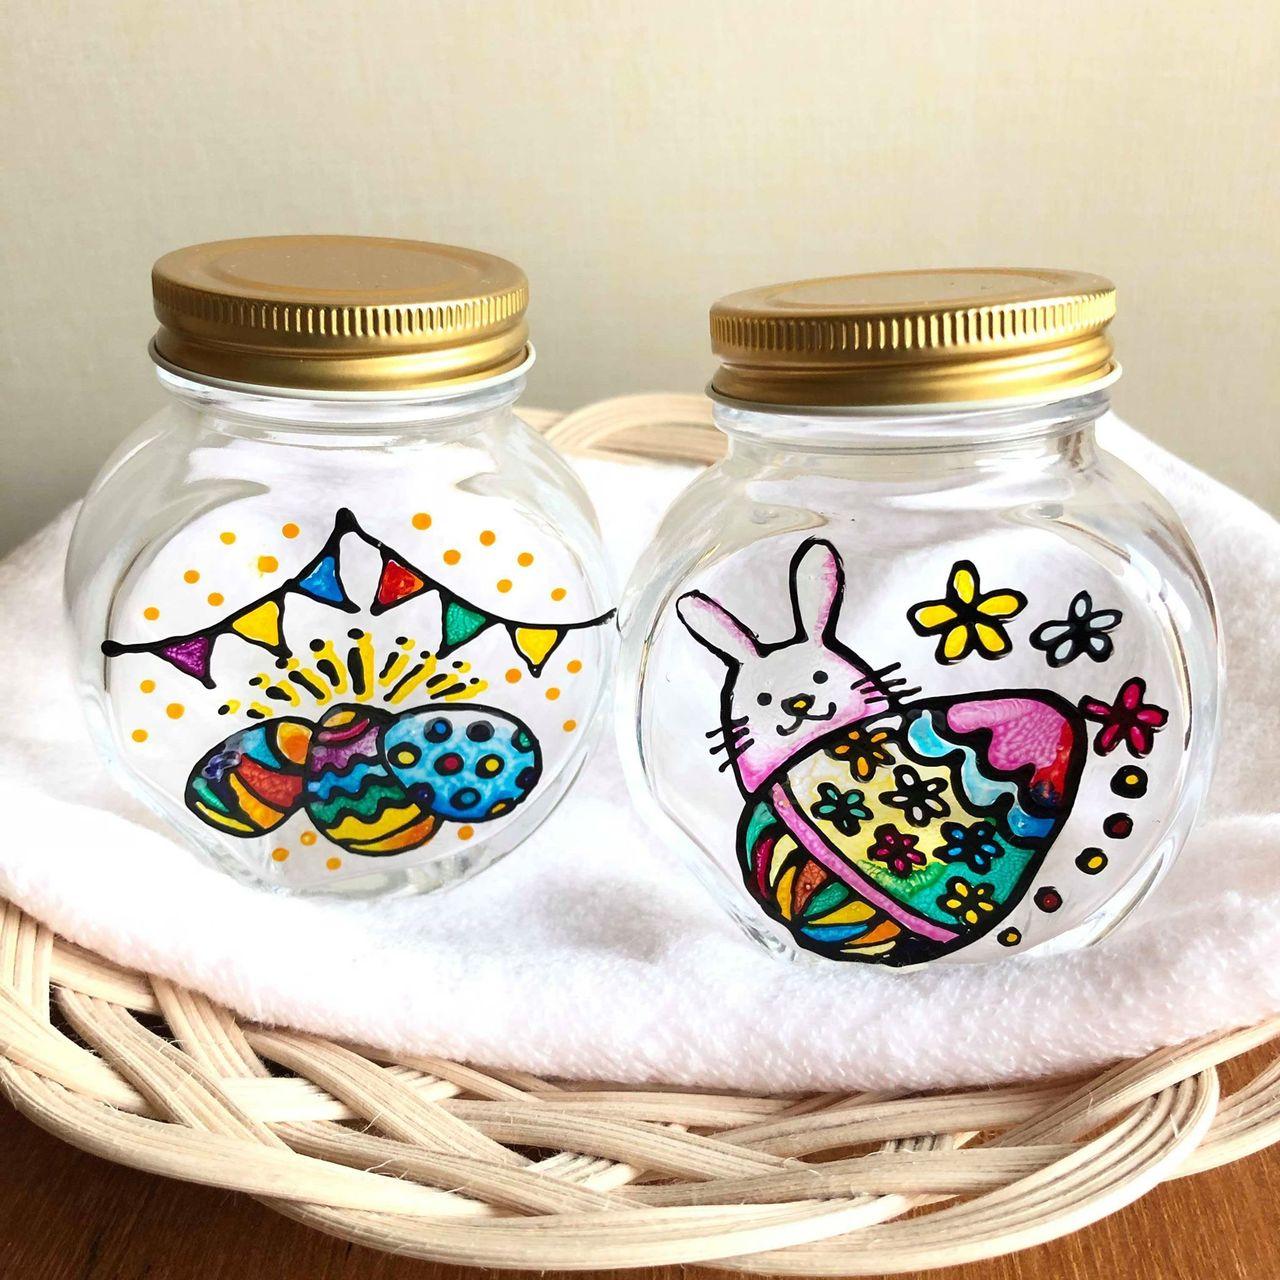 まるでステンドグラス!?ディンプルアートでイースターボトル作り【川崎】2019年4月7日(日)